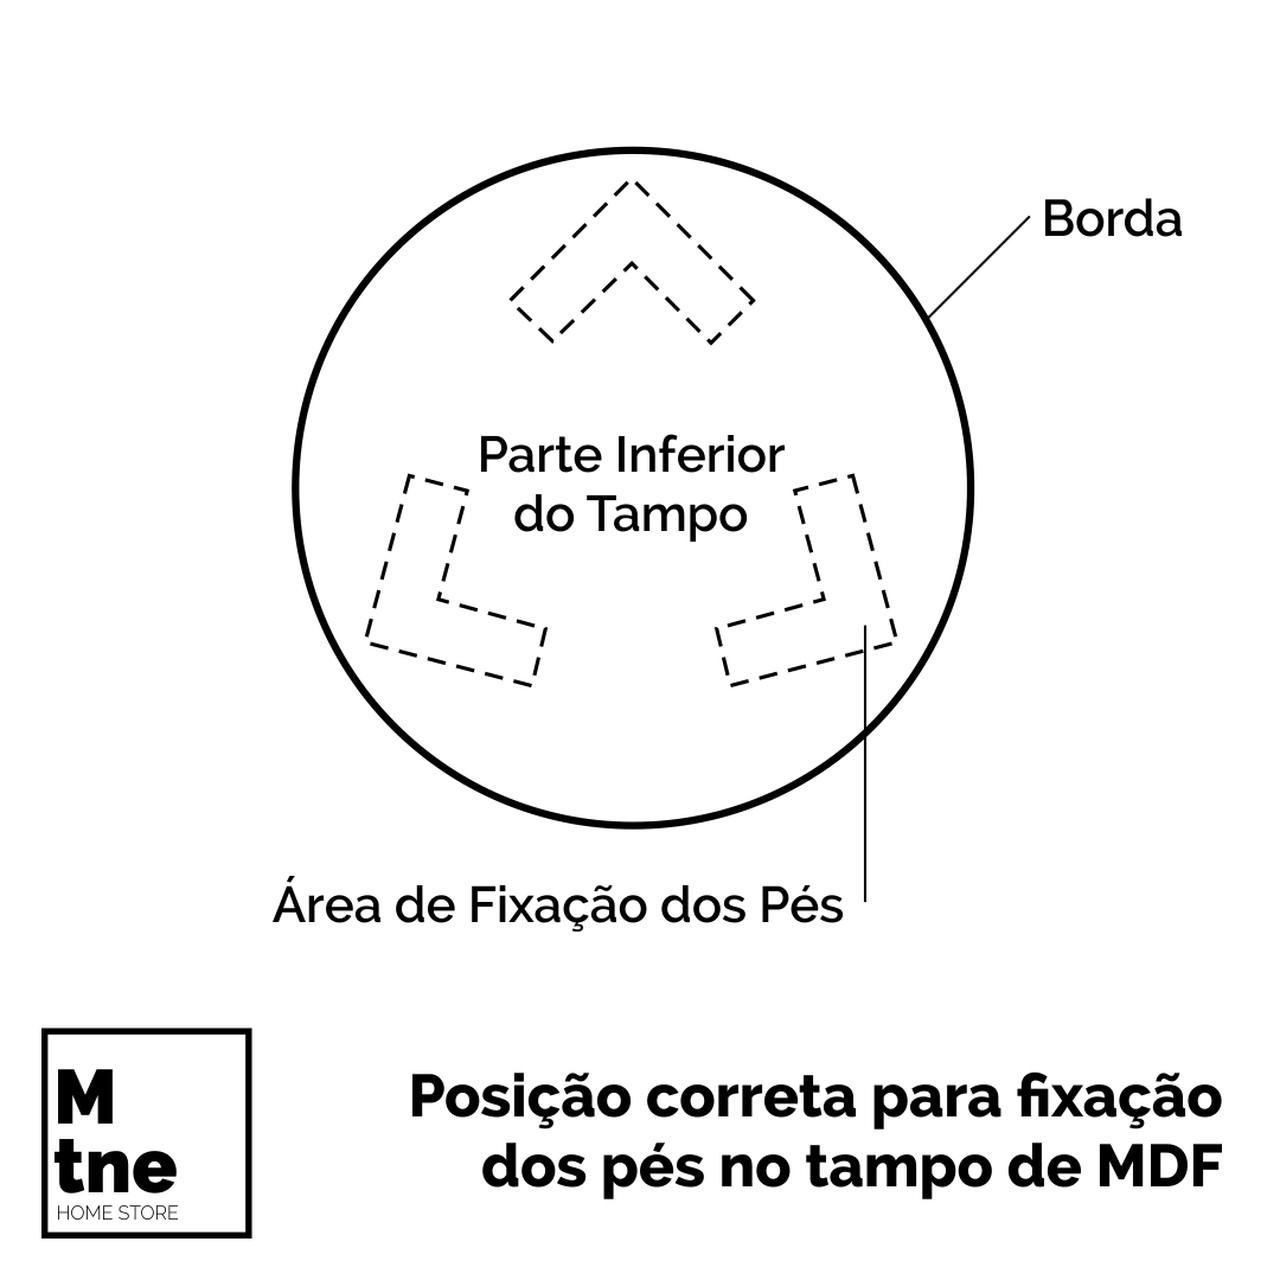 Conjunto de Mesinhas de Apoio Redondas com Hairpin Legs e Tampo 100% MDF  - Mtne Store